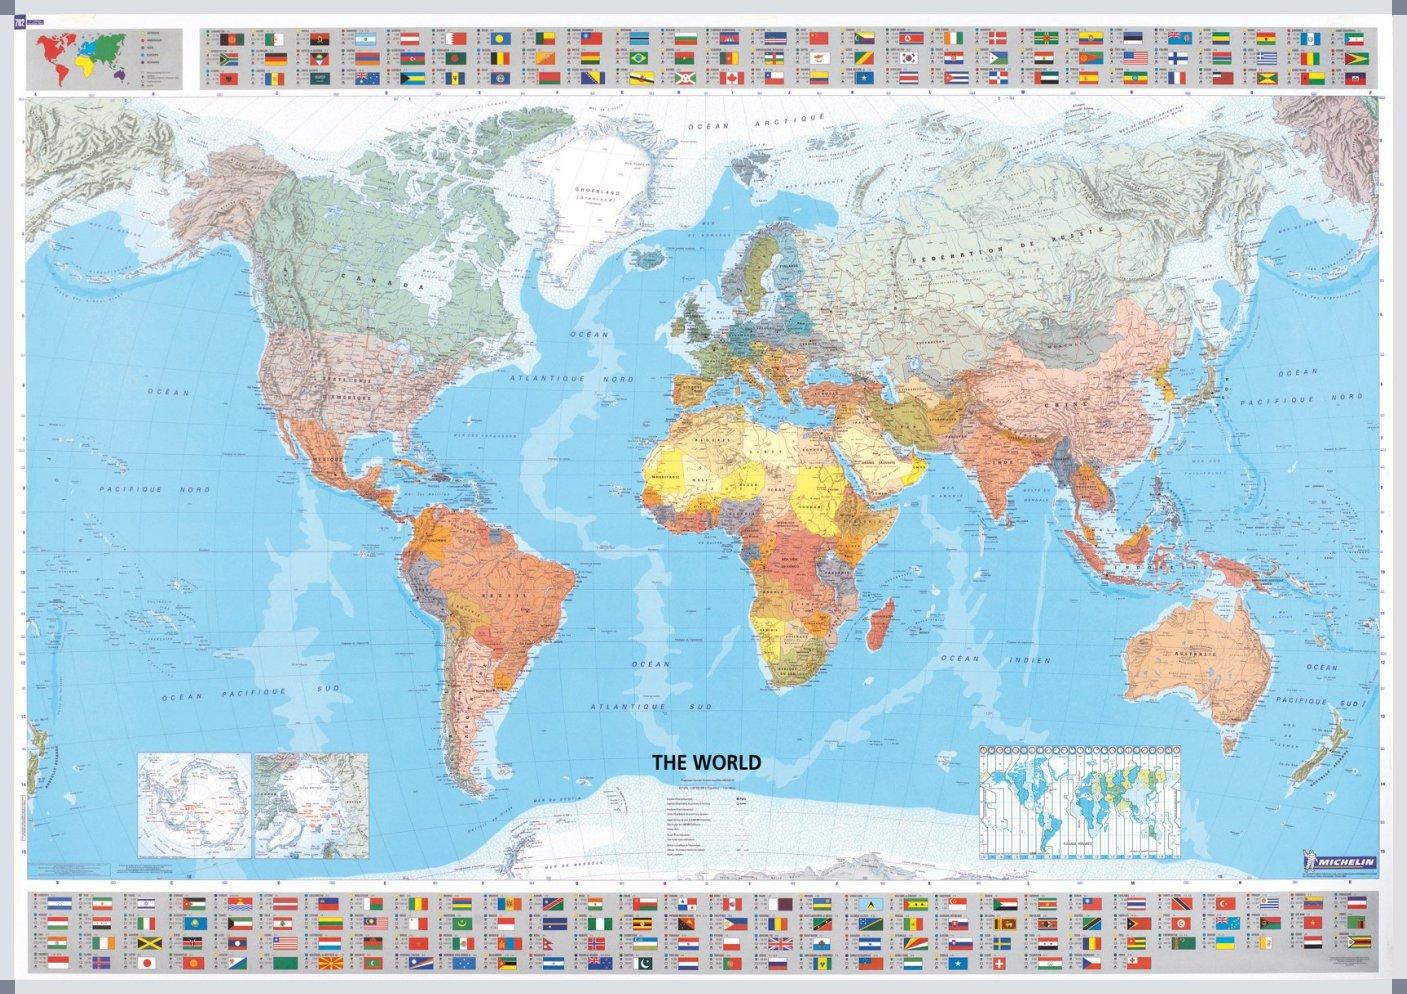 Wereldkaart Michelin met vlaggen - Magneetbord